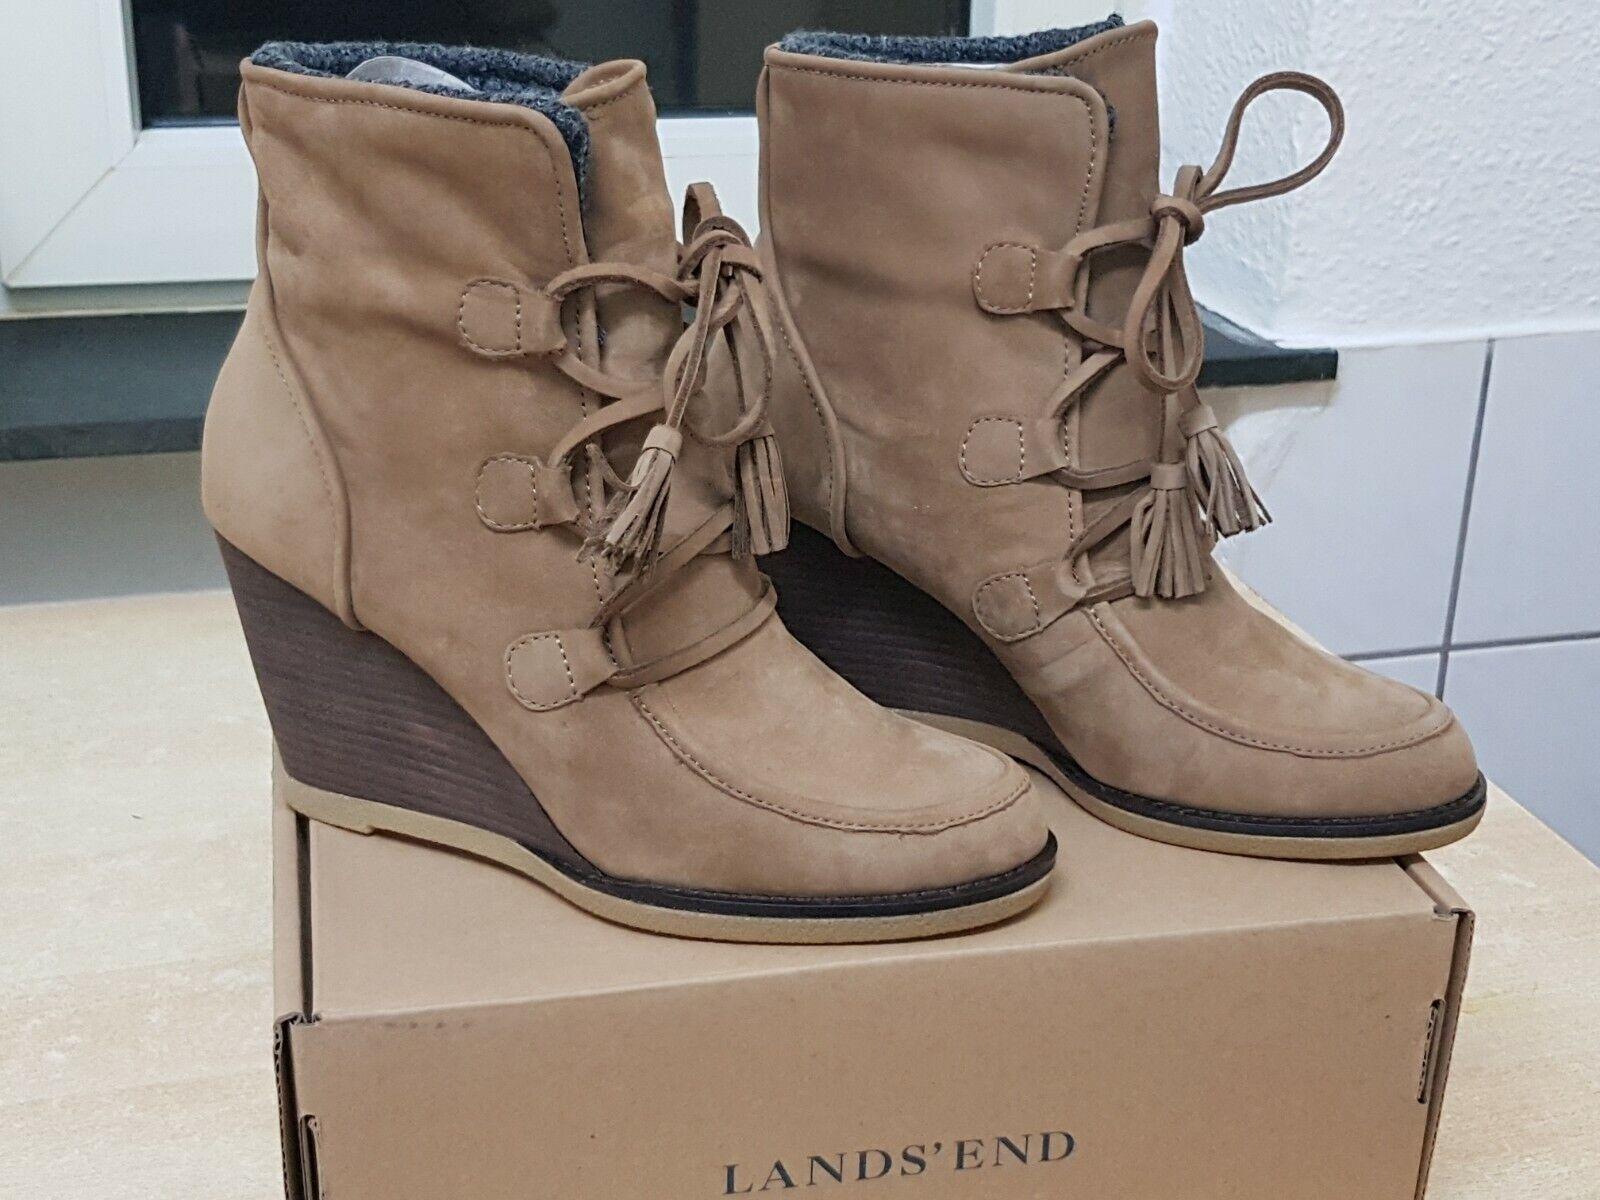 Lands´End Schuhe Stiefel Stiefeletten Stiefel Keilabsatz Gr. 40 Neu mit Karton